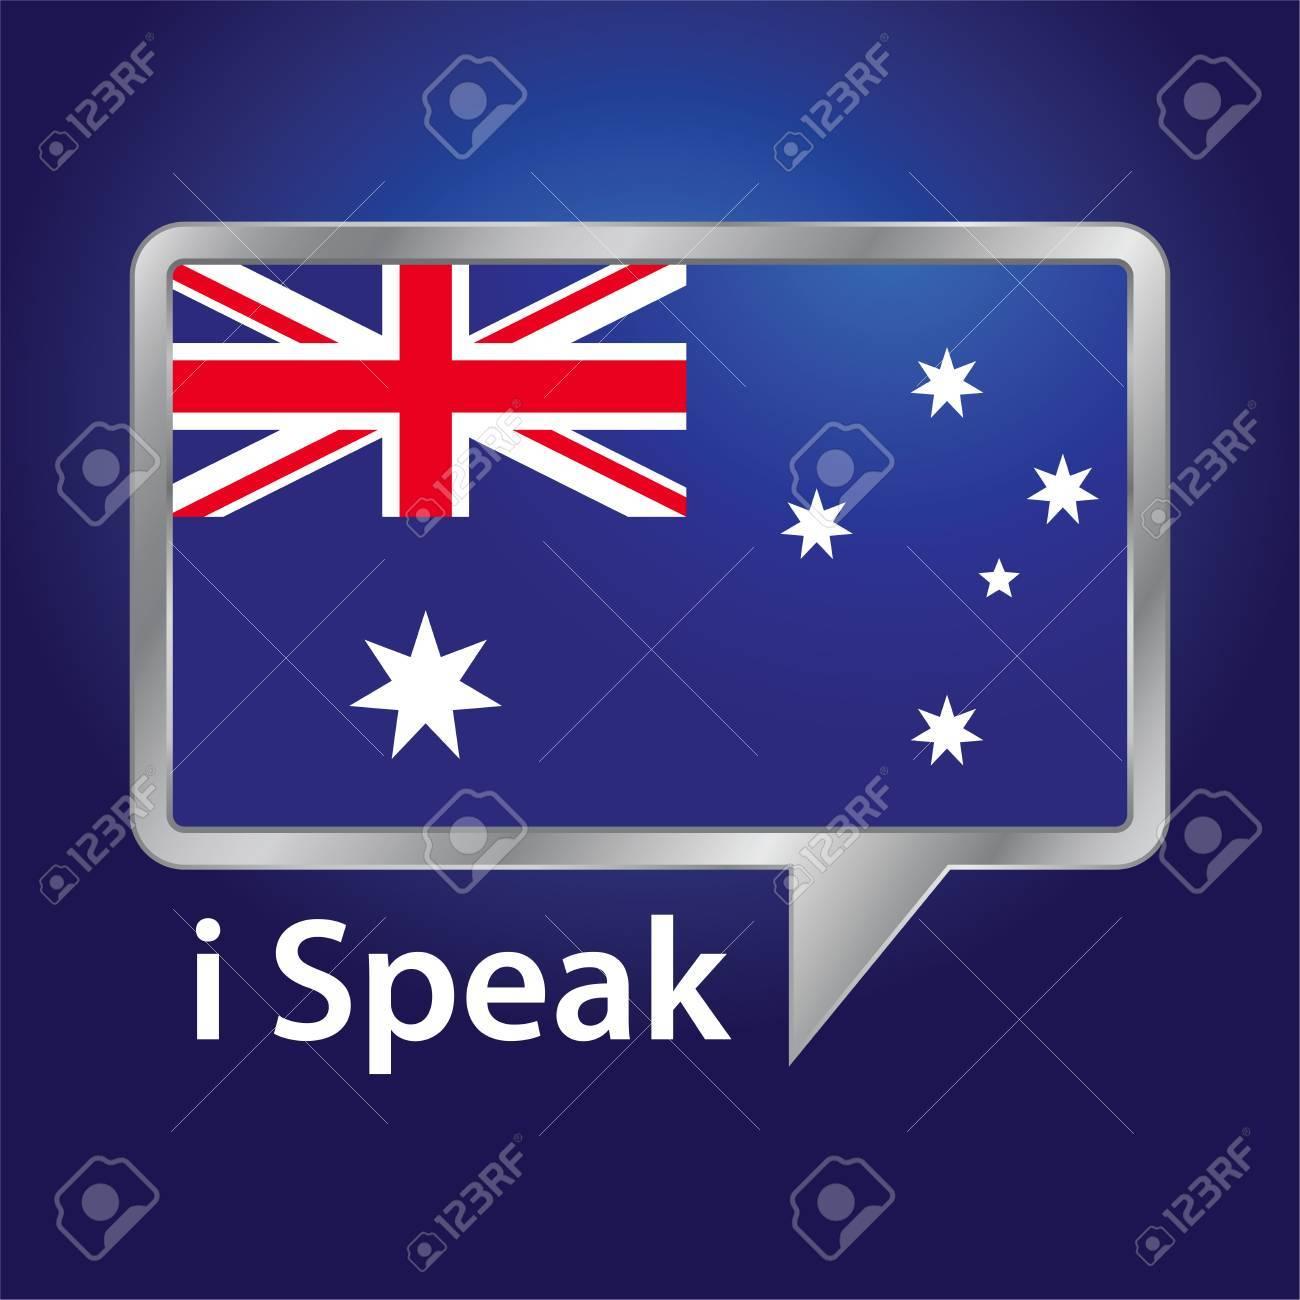 https://previews.123rf.com/images/yusakp/yusakp1605/yusakp160500038/57261039-stock-de-vecteur-du-drapeau-de-l-australie-%C3%A0-l-int%C3%A9rieur-de-la-bulle-langue-anglaise-australienne.jpg